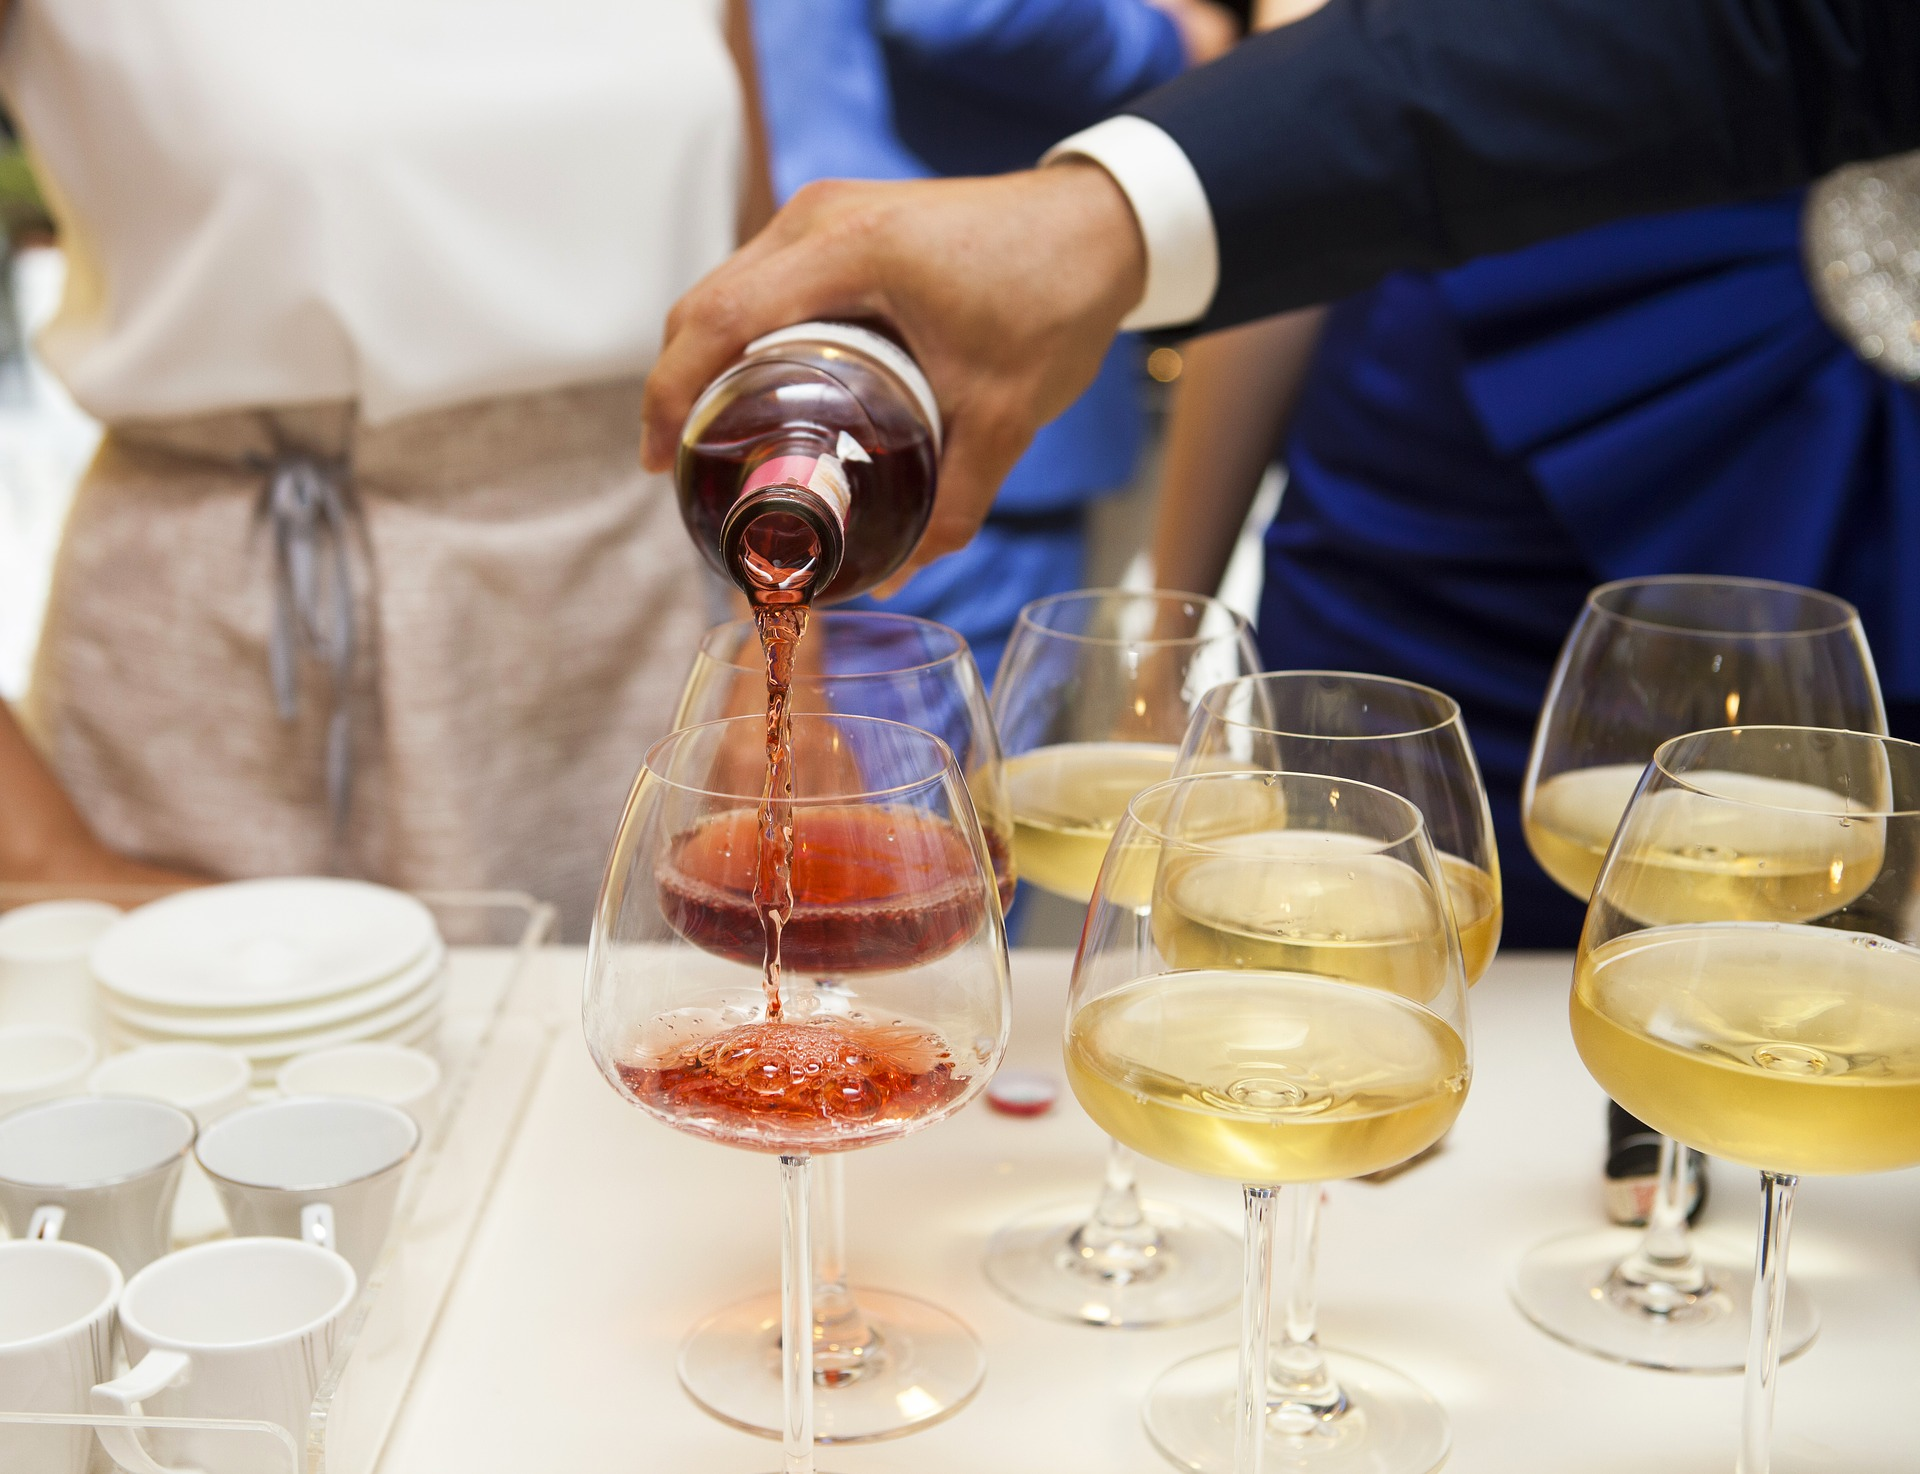 persona servir vino mano